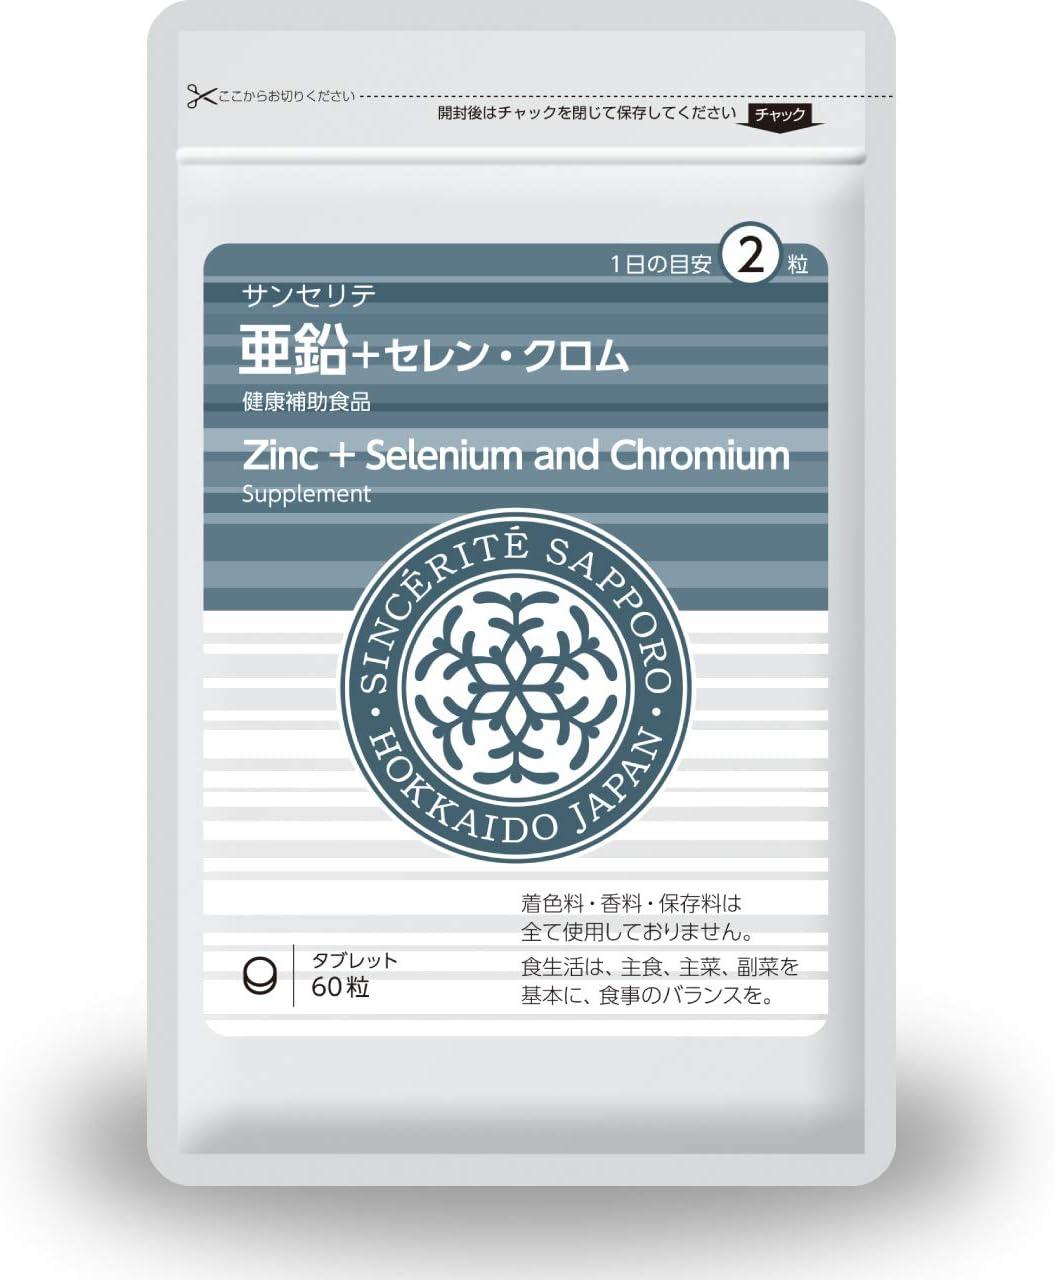 亜鉛+セレン・クロム [亜鉛]20mg配合[国内製造]しっかり30日分